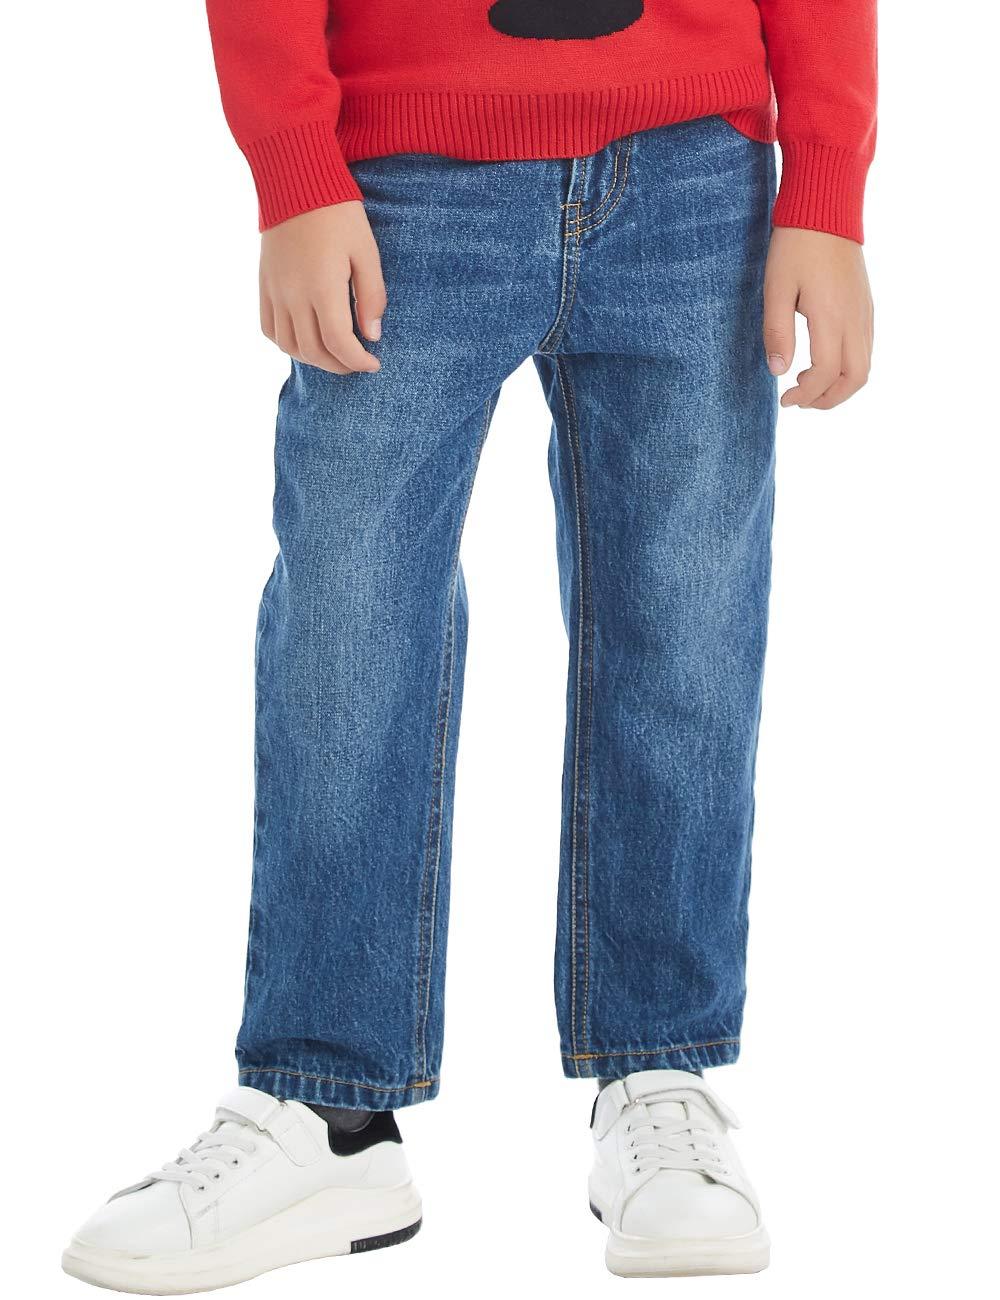 BYCR Jungen Elastischer Bund Jeans Baumwolle Jeanshosen Laufhosen Hosen für Kindern 4-18 Jahre